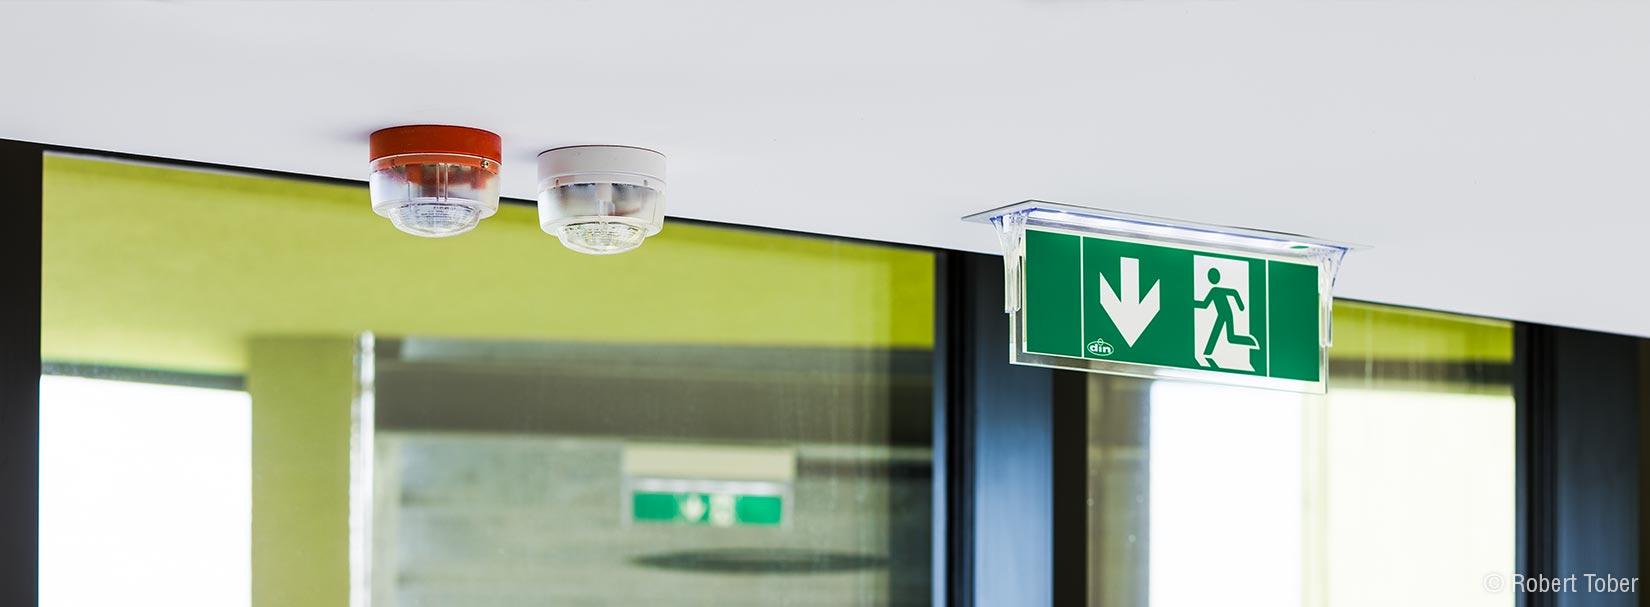 Christine Nöstlinger Bildungscampus Wien. Blitzleuchten des des stillen Alarms, Fluchtwegskennzeichnung. © Robert Tober Photography · www.toro.cc